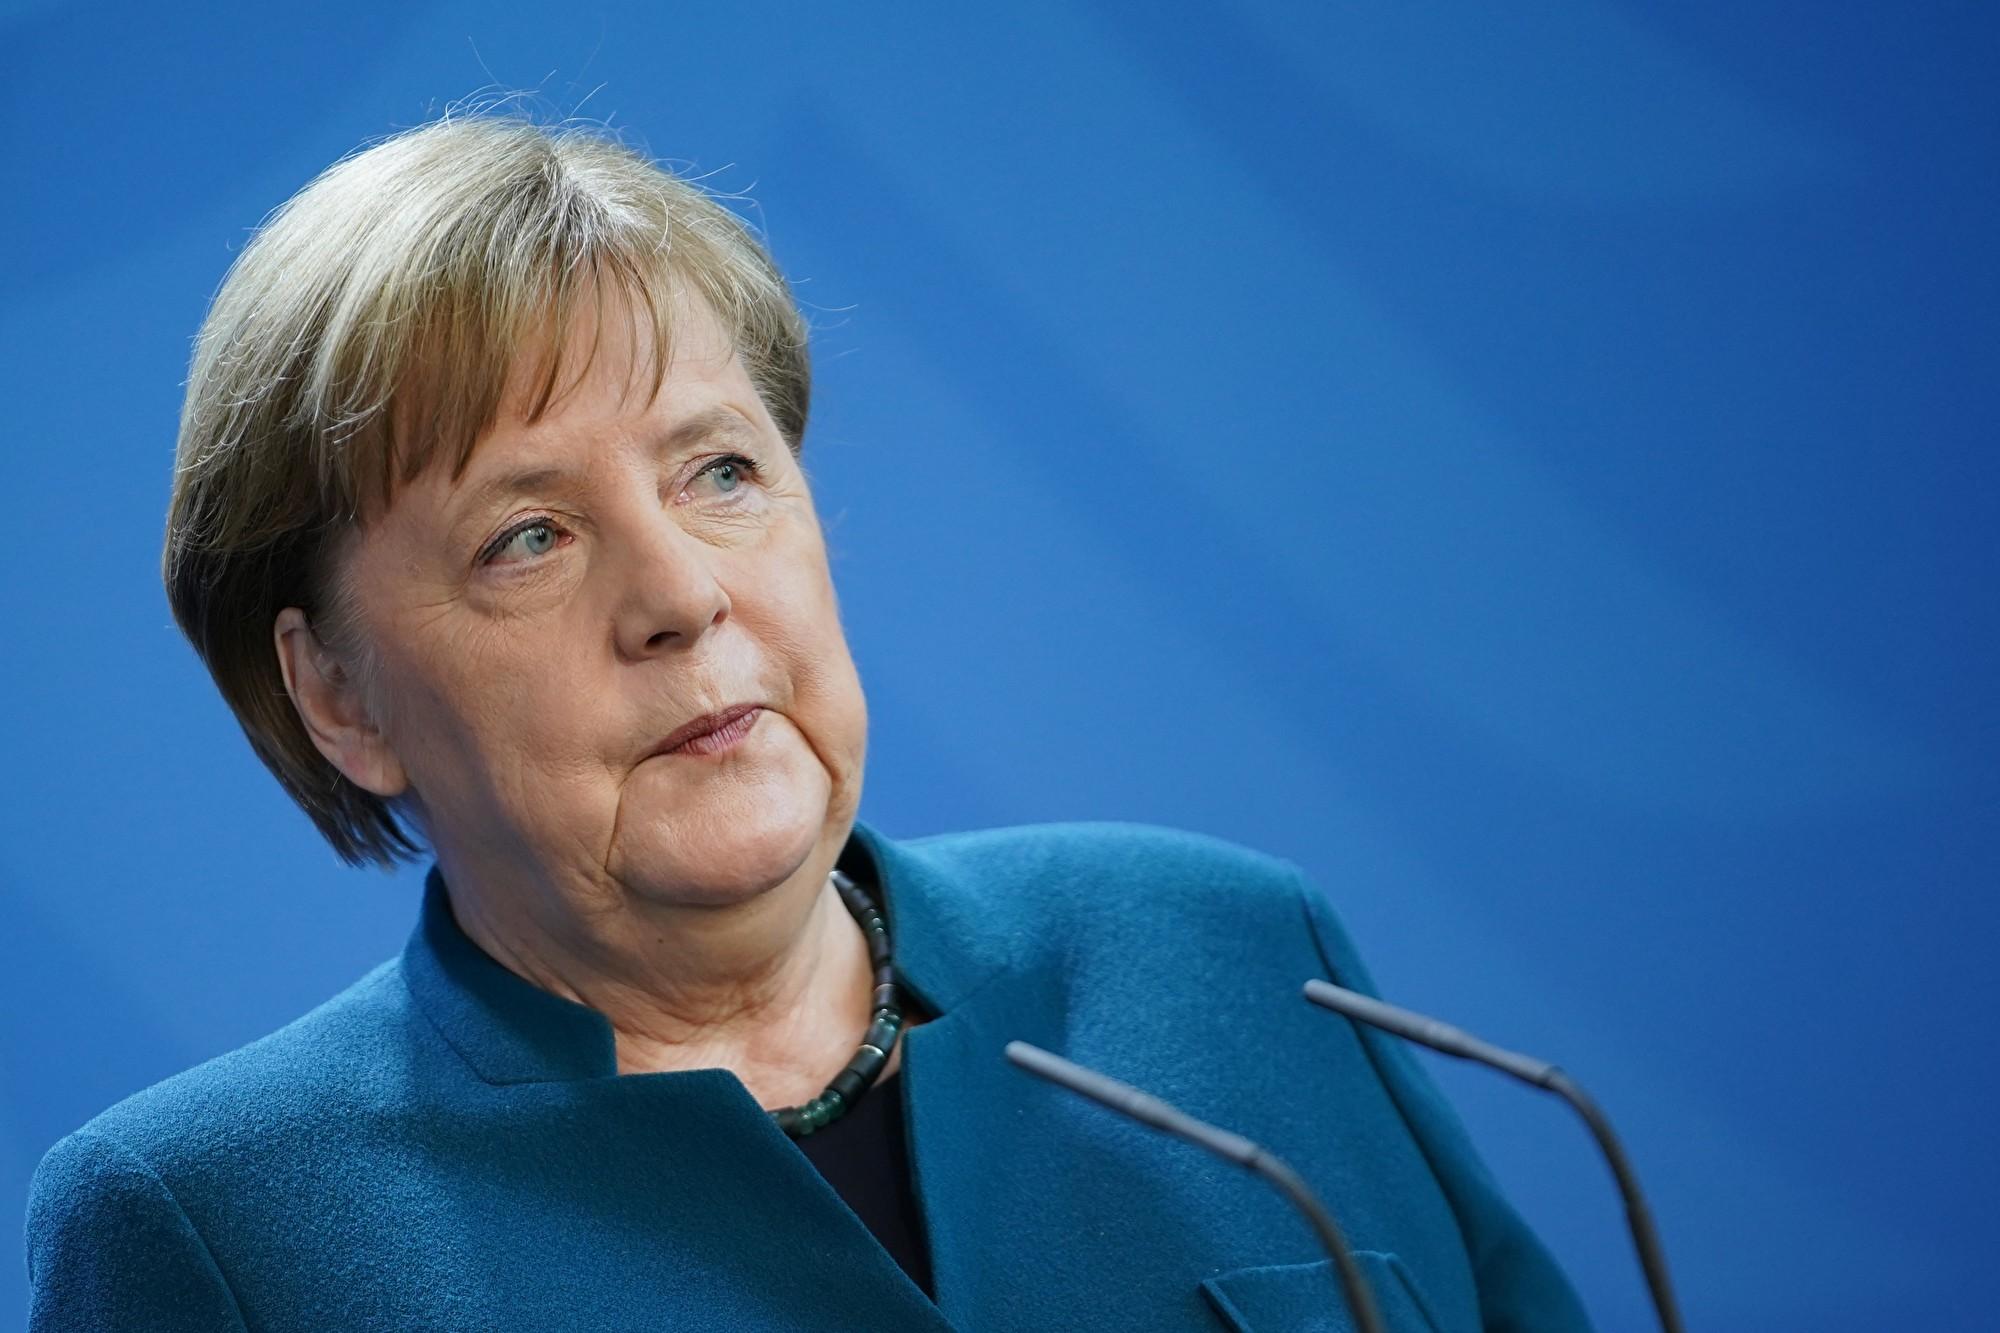 2020年3月22日,德國總理默克爾召開新聞發佈會,公佈了新的抗疫措施。當晚,她被告知,她的醫生確診了中共病毒,因此她宣佈立即進行自我隔離。(Clemens Bilan–Pool/Getty Images)